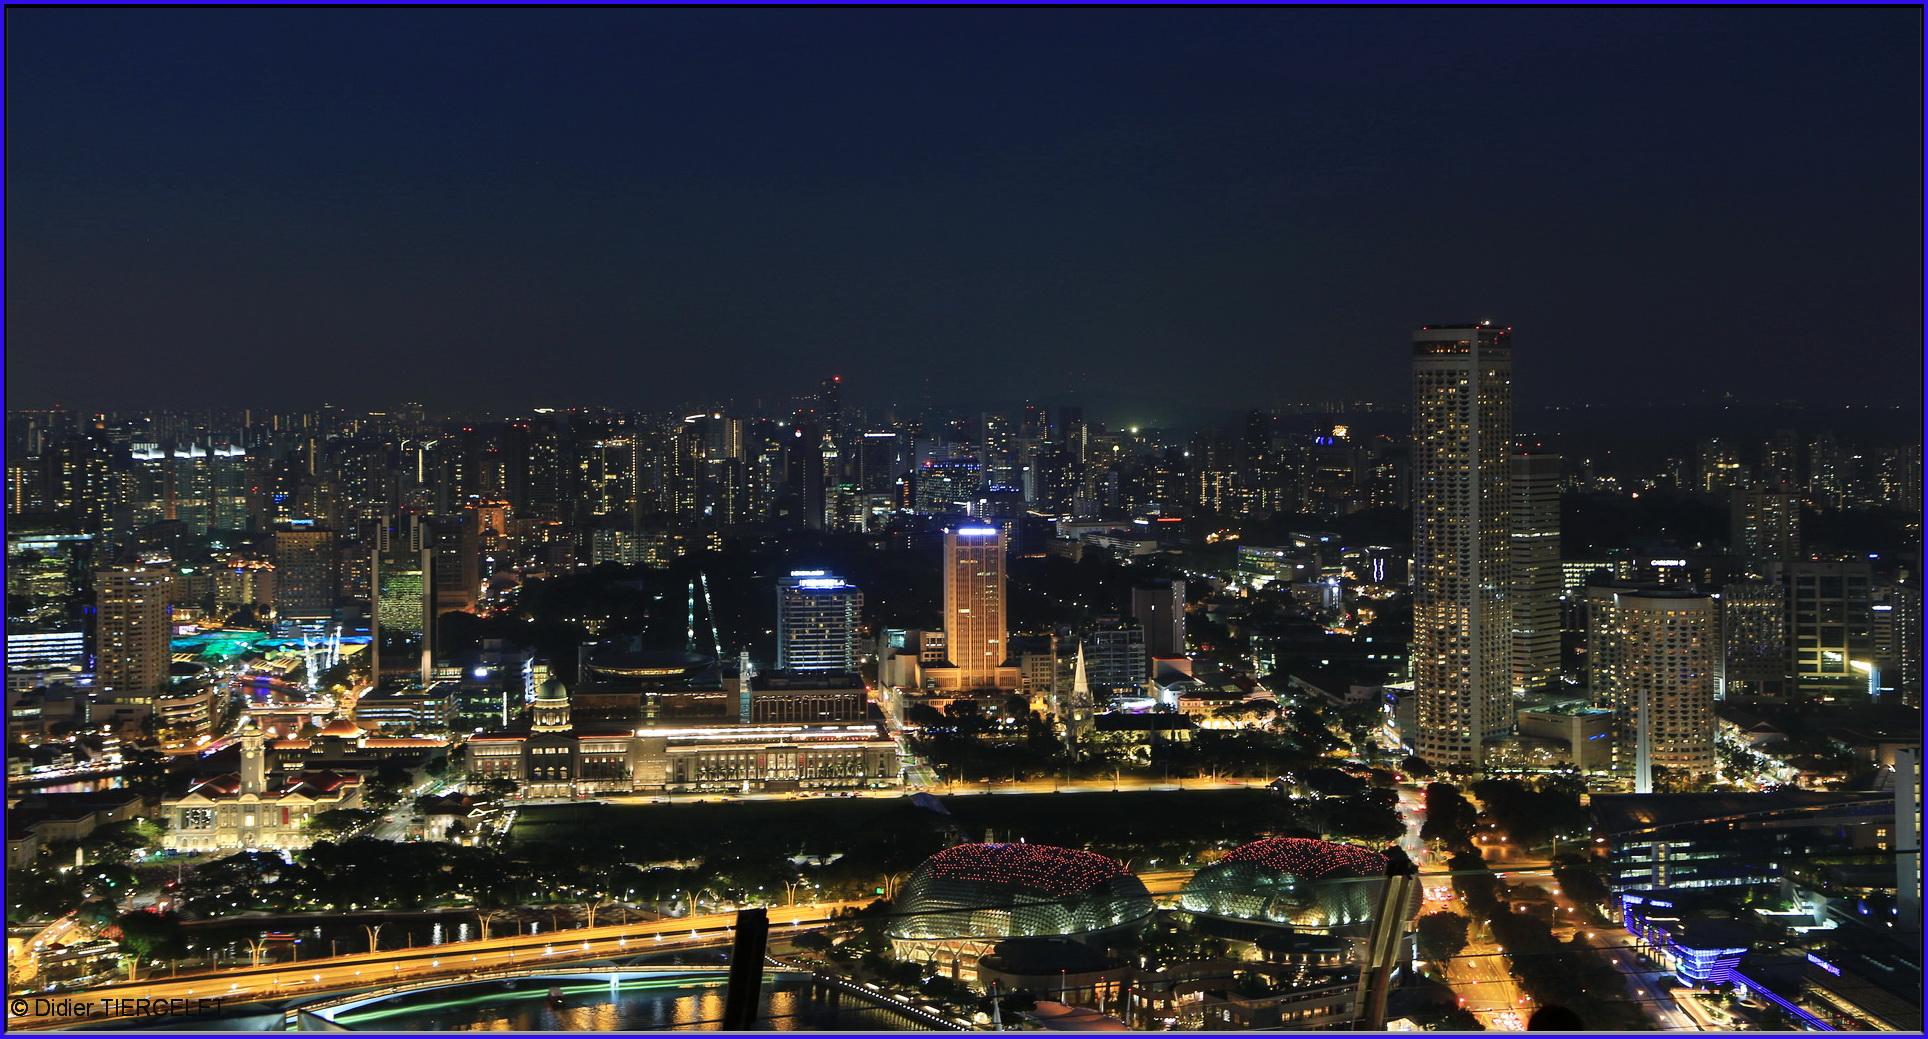 C'est beau une ville la nuit !